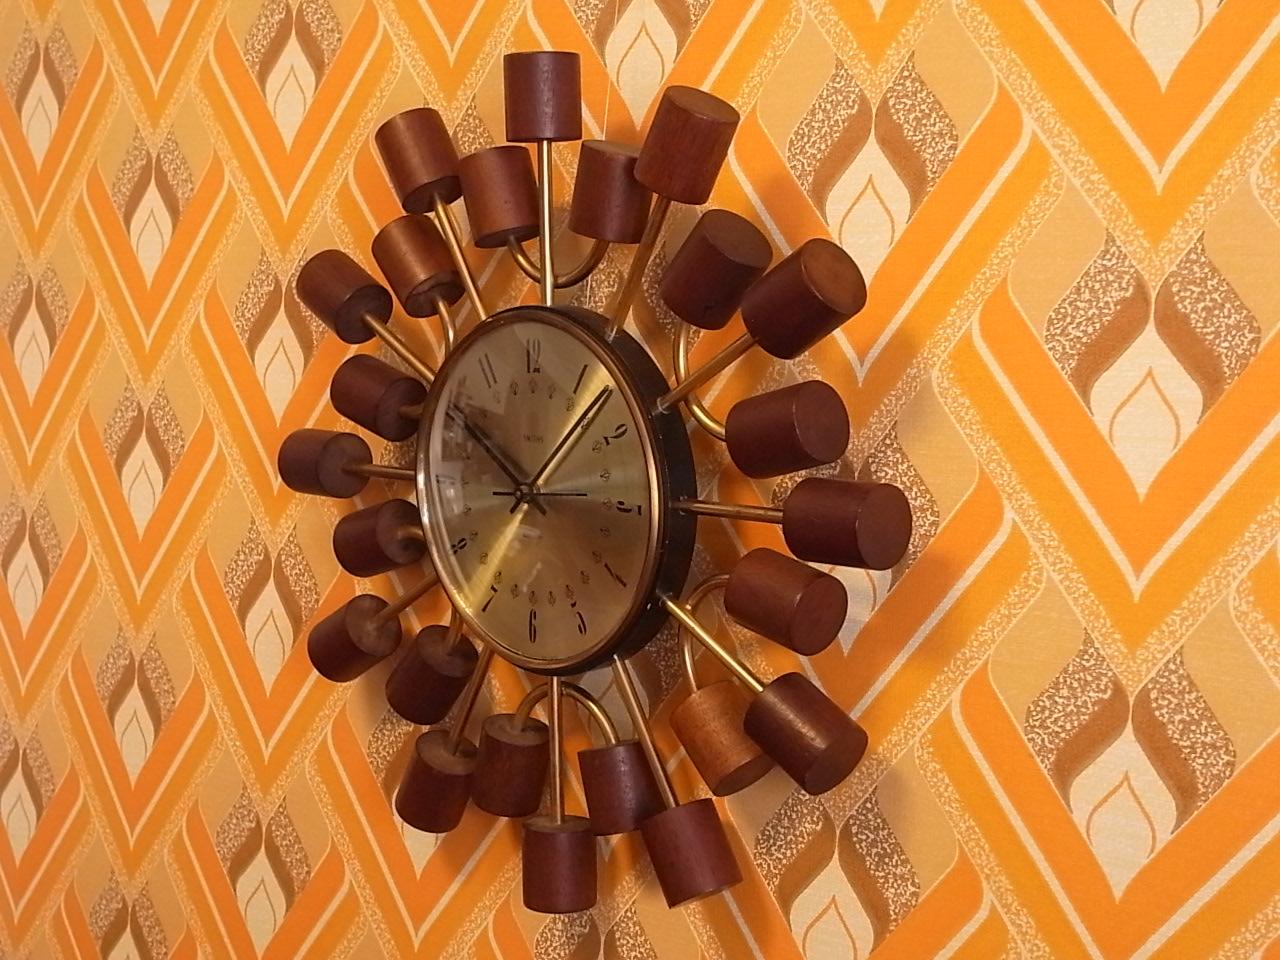 スミス 英国ブランド 木製 ウォールクロック クオーツムーブメントの写真4枚目